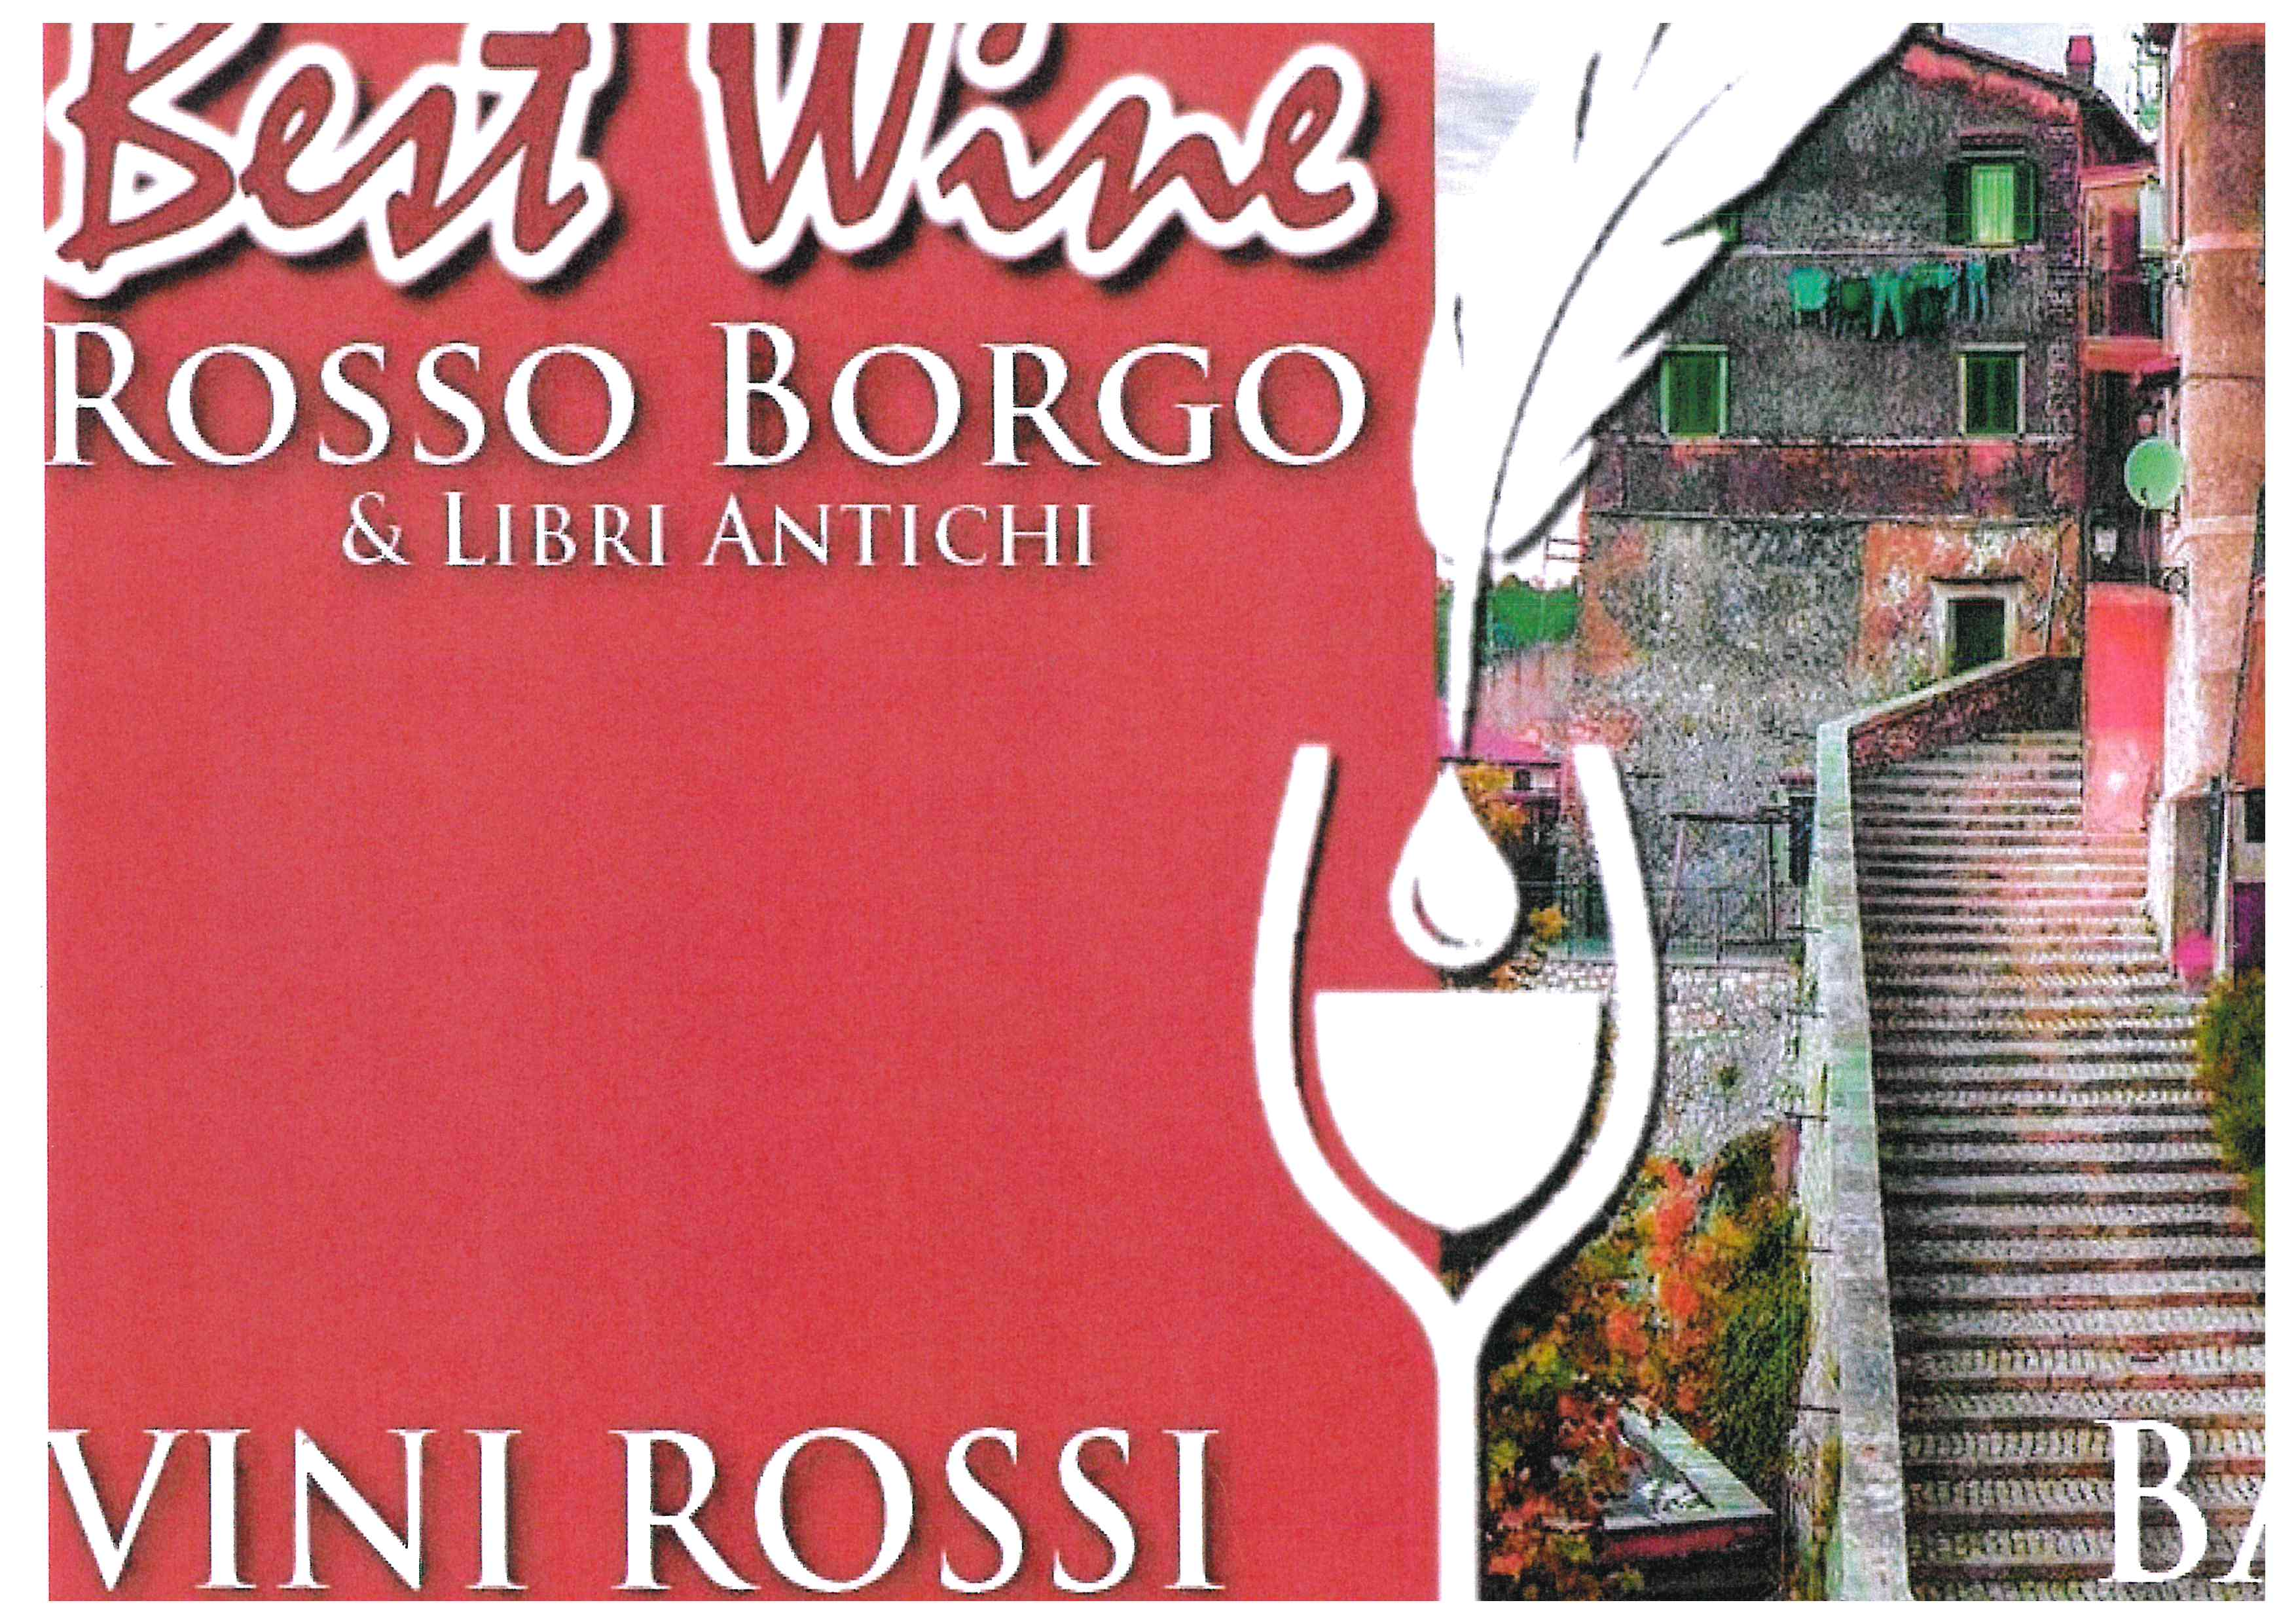 BEST WINE ROSSO BORGO & LIBRI ANTICHI - 19 e 20 ottobre 2019